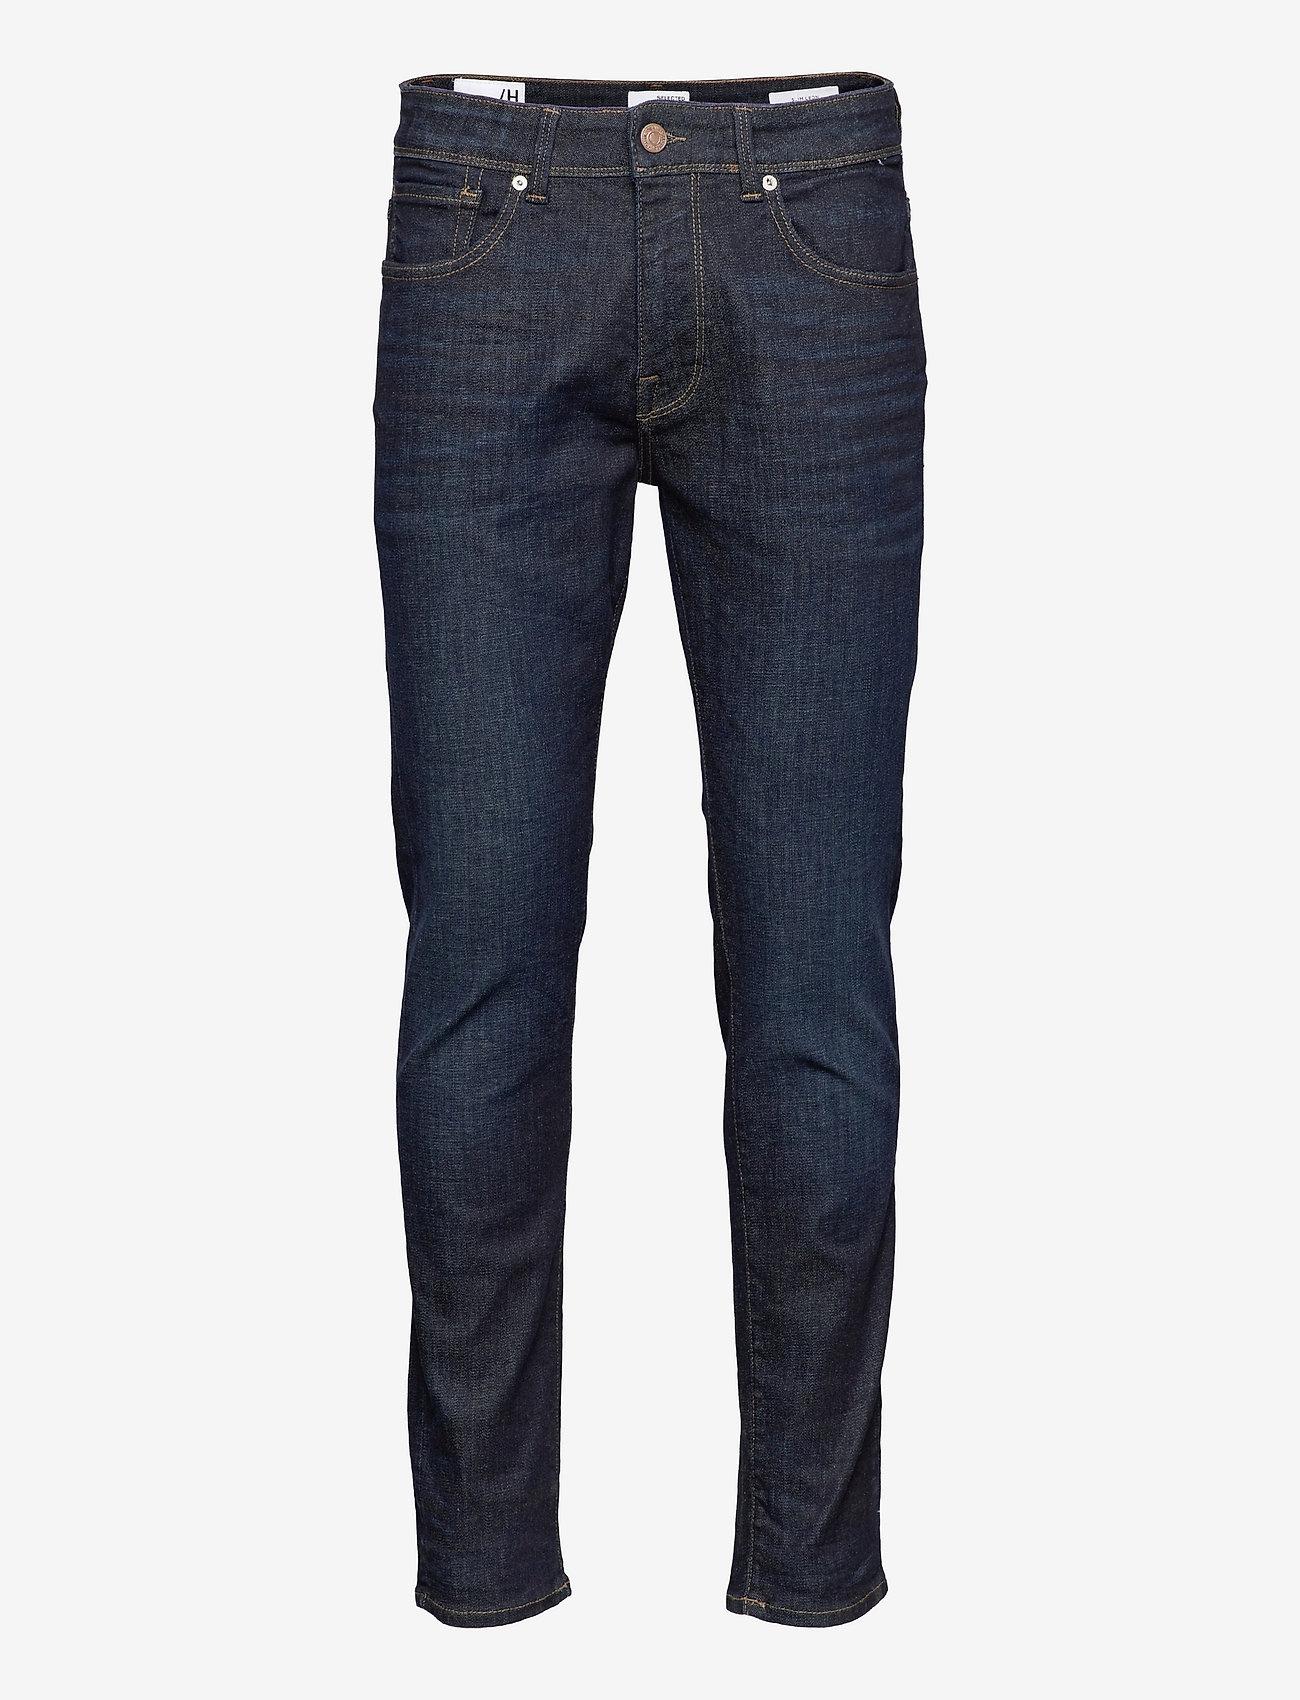 Selected Homme - SLHSLIM-LEON 6291 D.B SUPERST JNS U - slim jeans - dark blue denim - 0